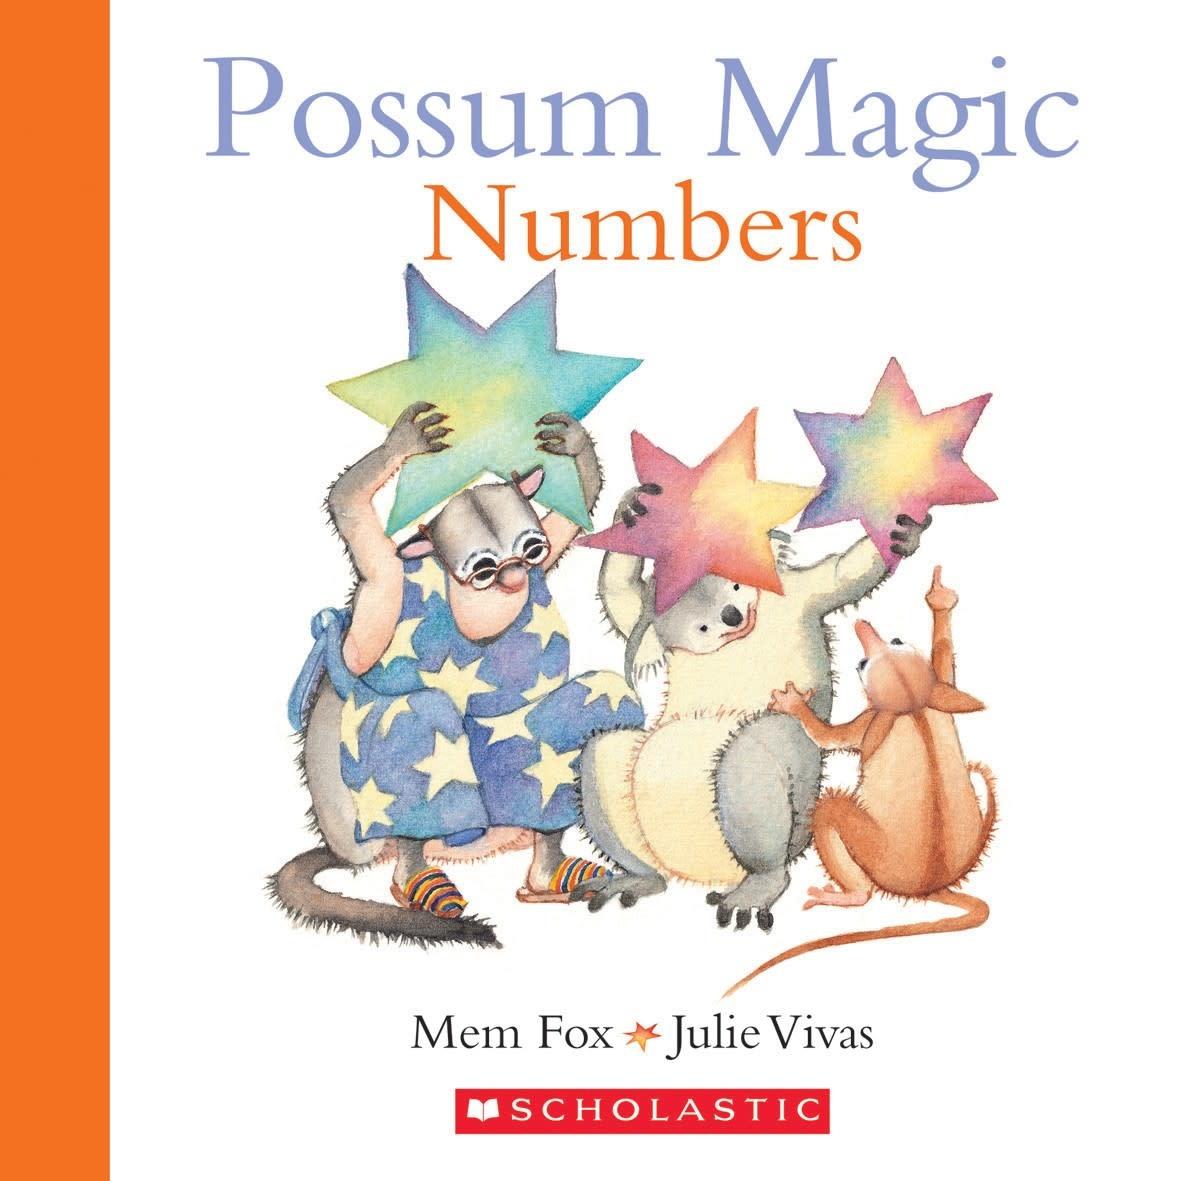 My Possum Possum Magic Board Books